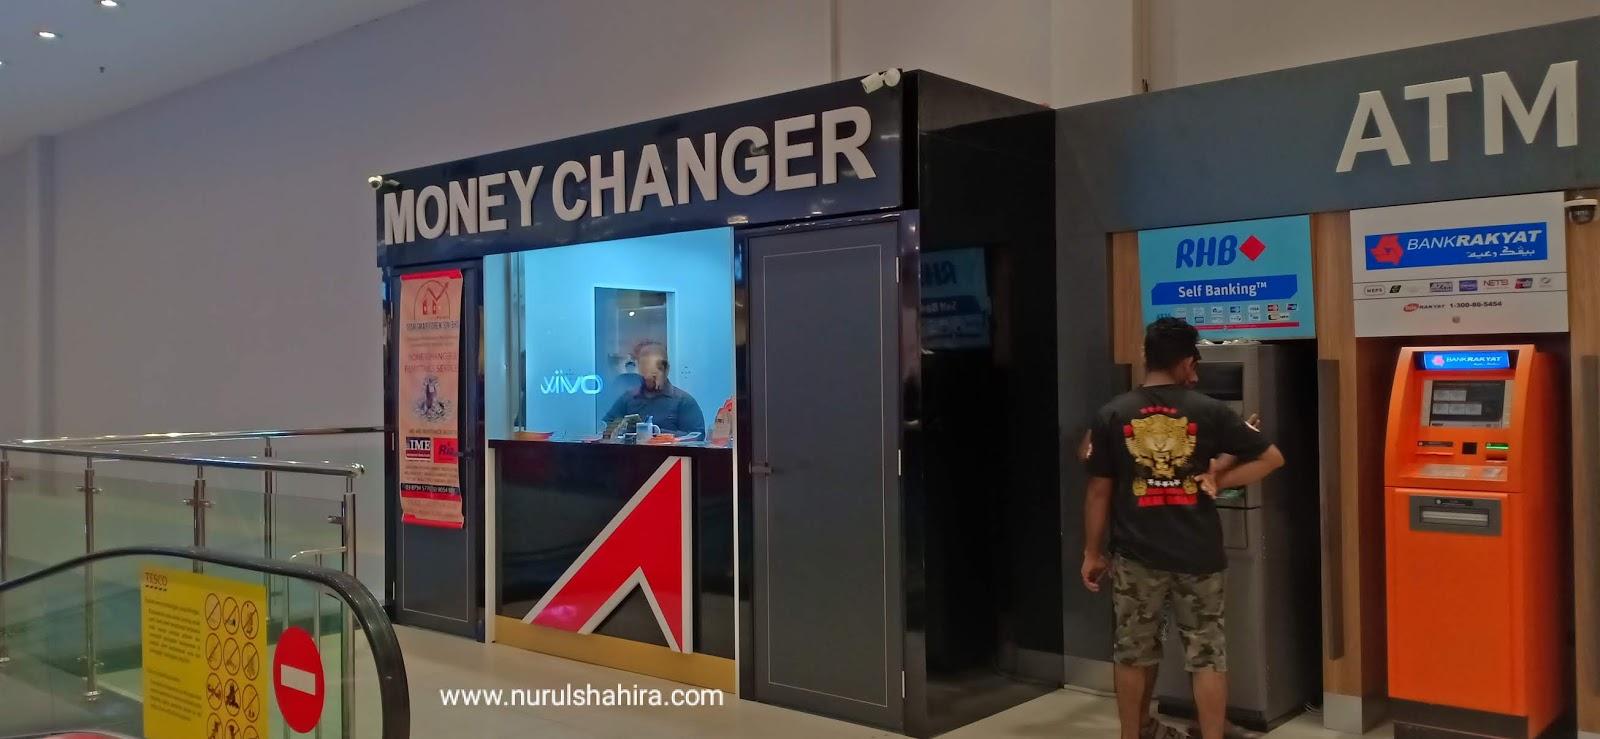 Money Changer Murah di Semenyih